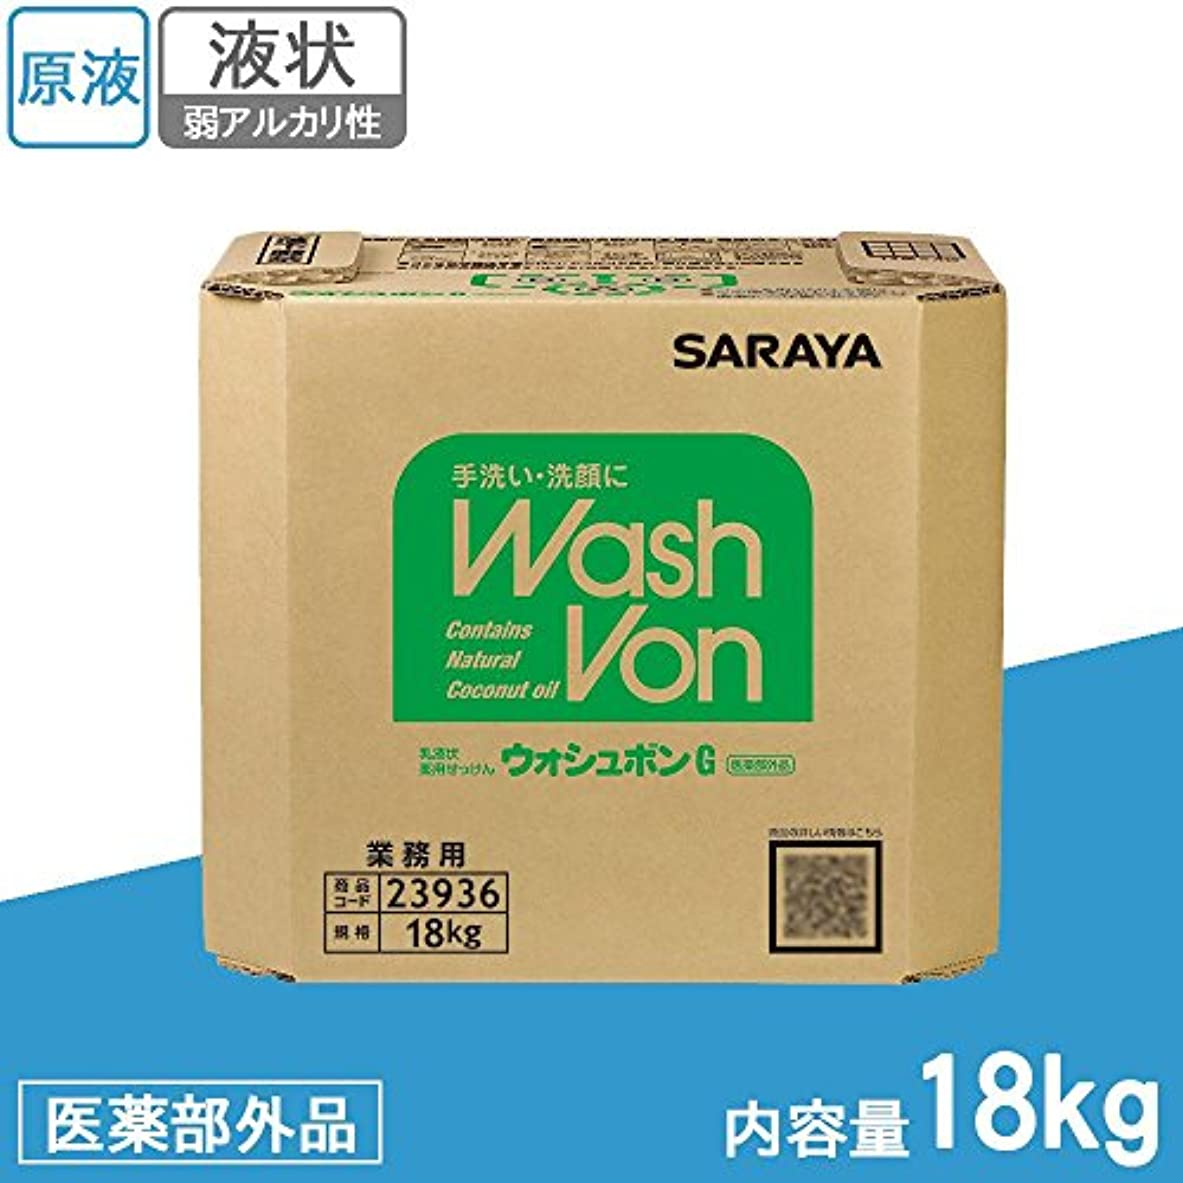 お肉あたり慣性サラヤ 業務用 乳液状薬用せっけん ウォシュボンG 18kg BIB 23936 (医薬部外品)